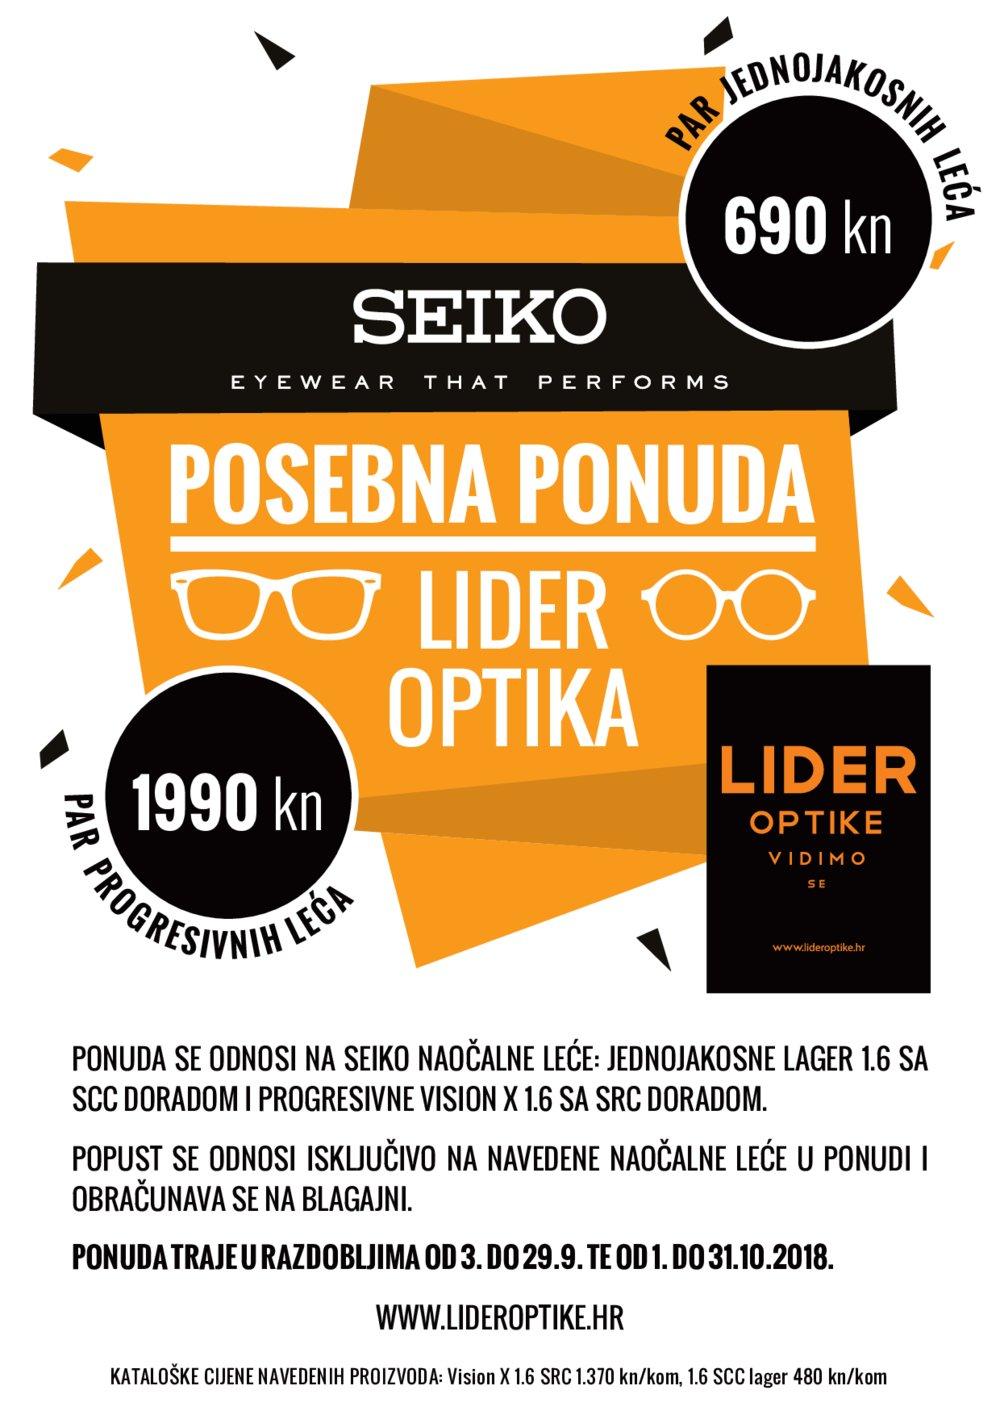 Optika Nataša letak Posebna ponuda 01.10.-31.10.2018.